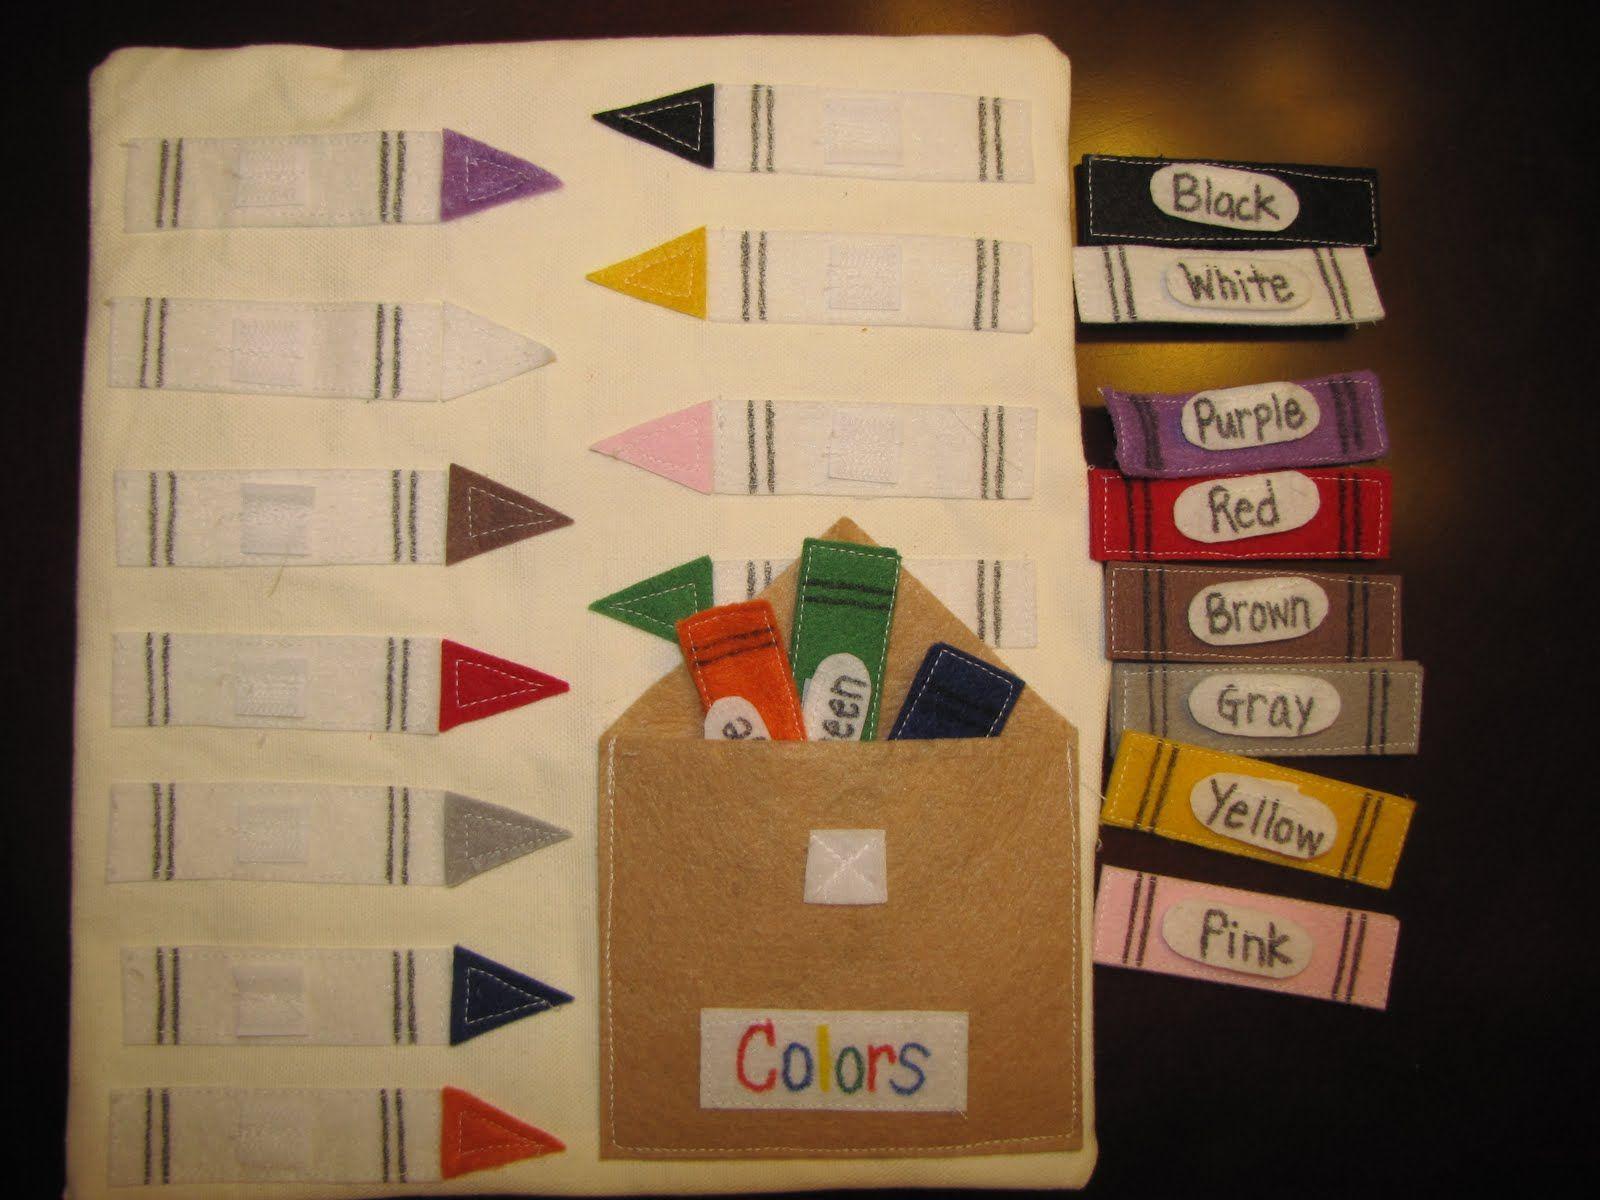 Book colour names - The Gish Family Quiet Book Color Namescolour